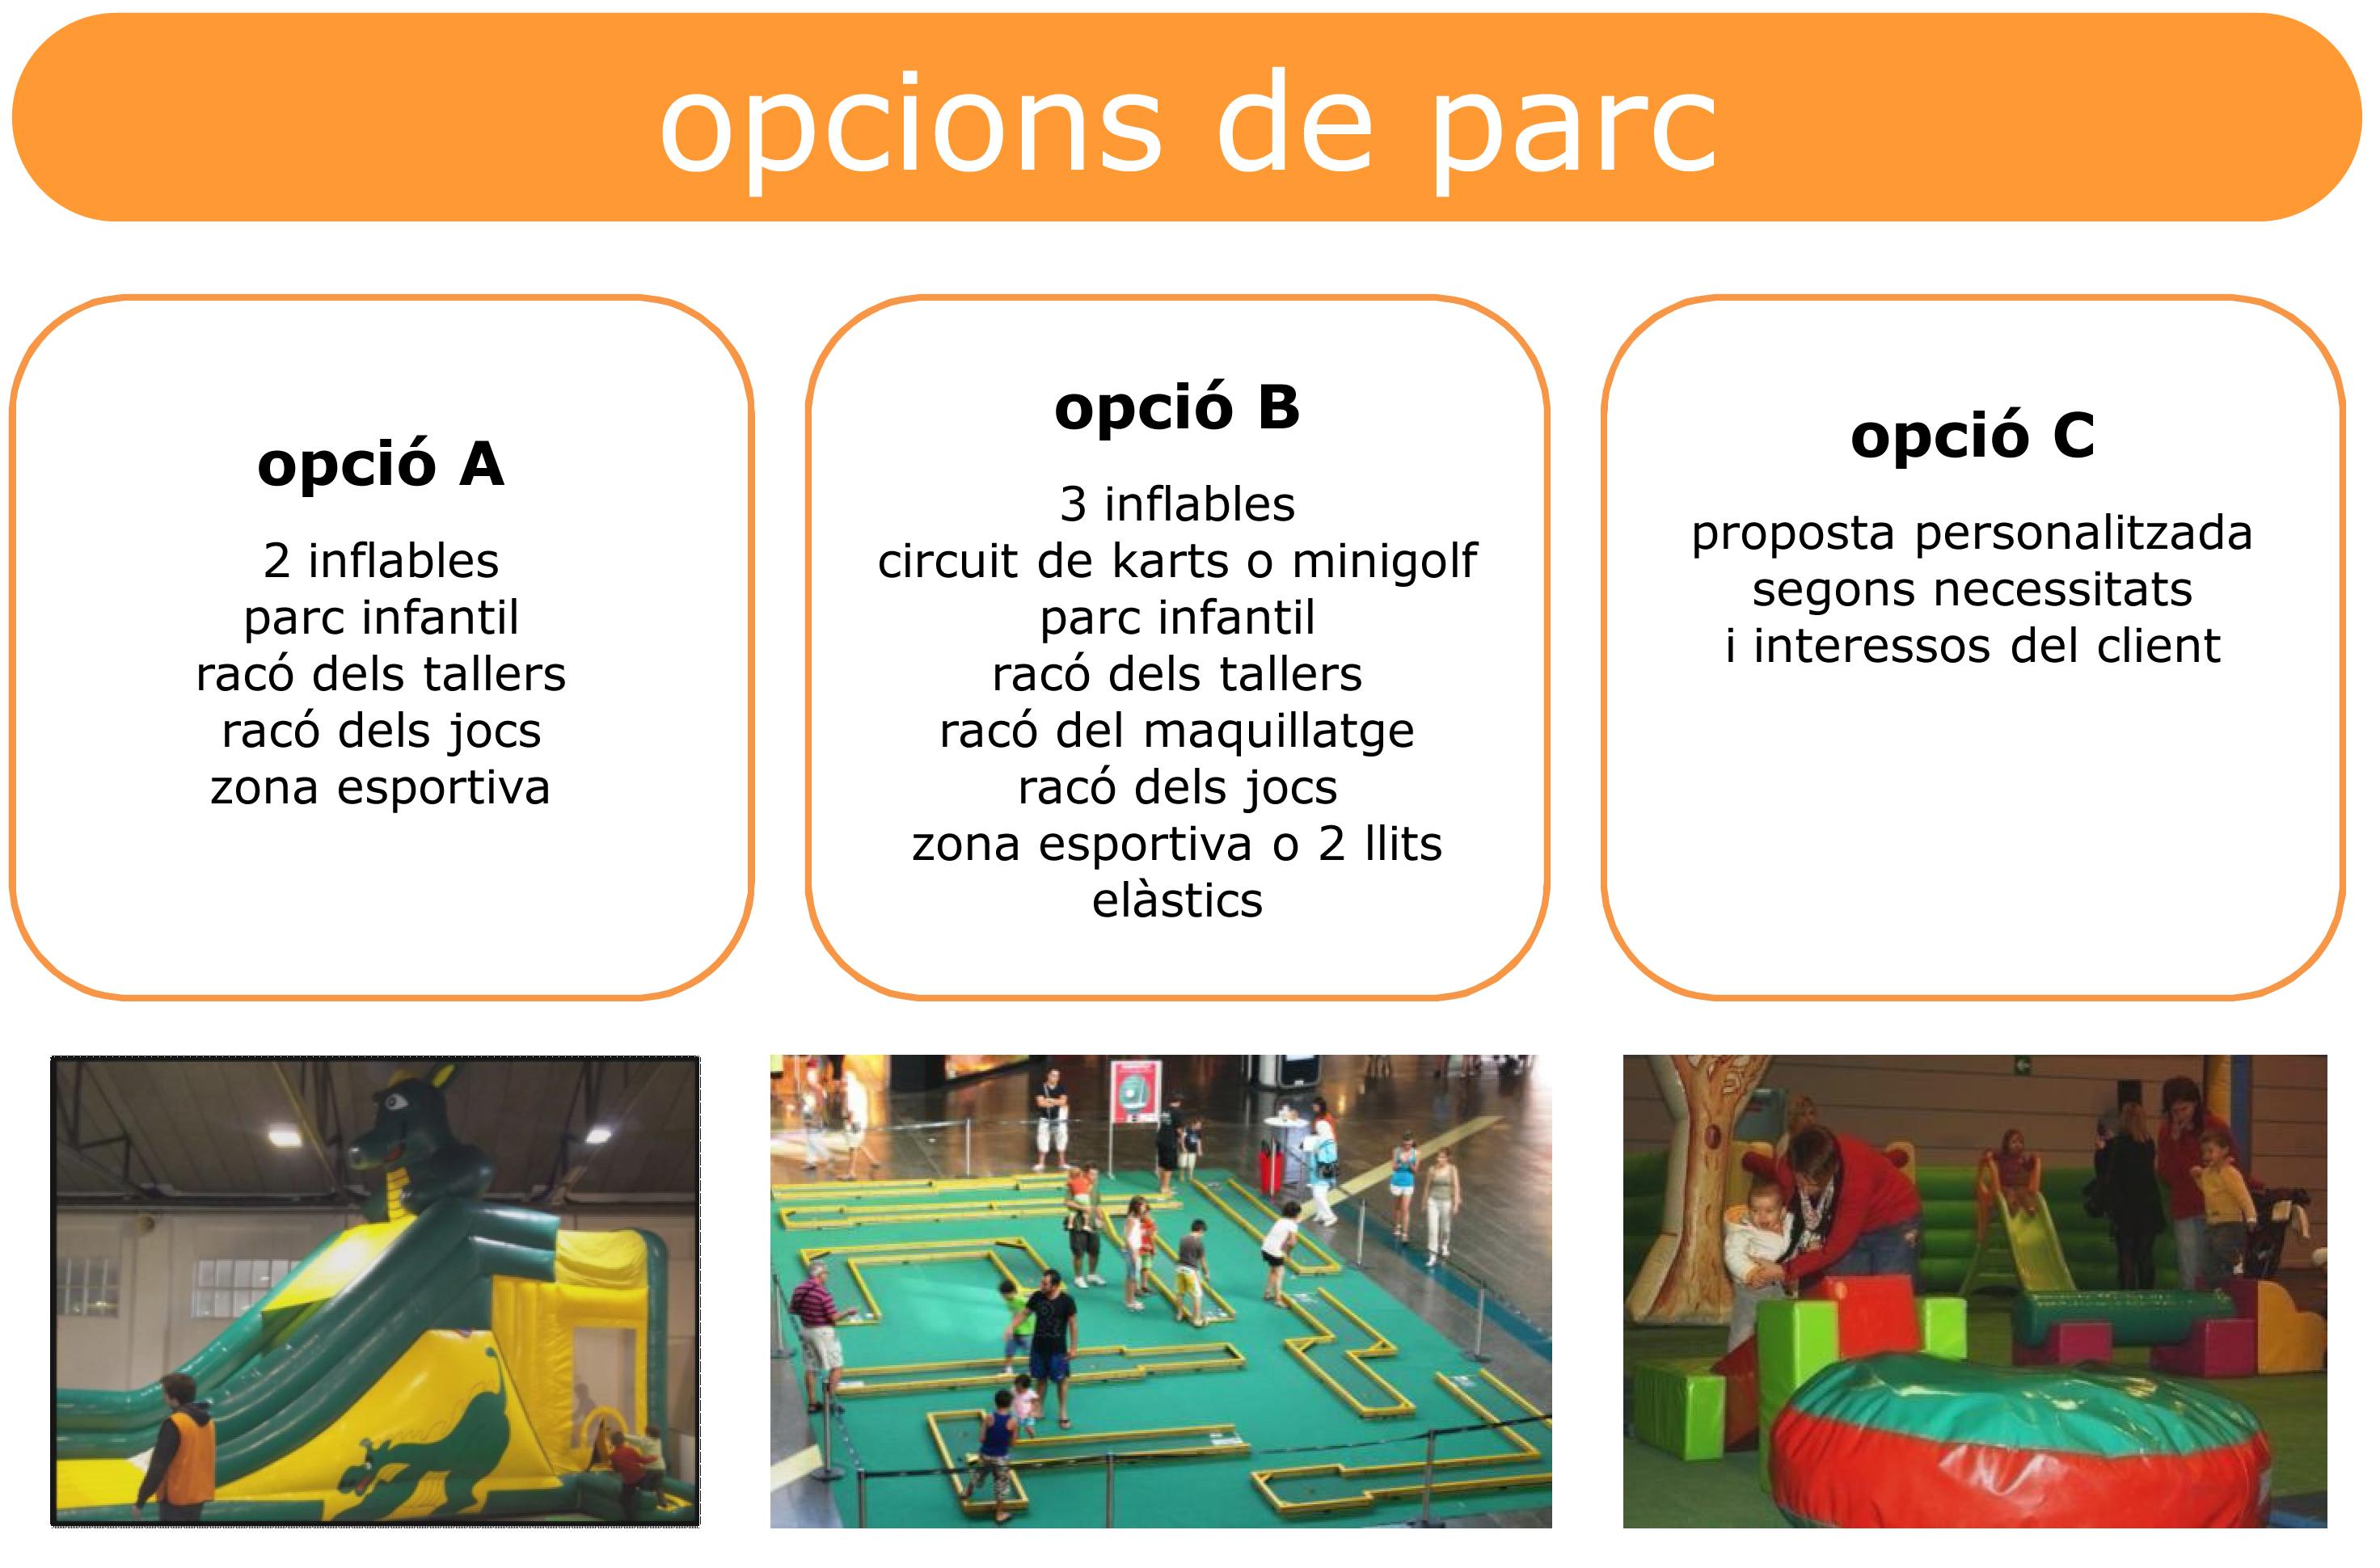 opcions parc